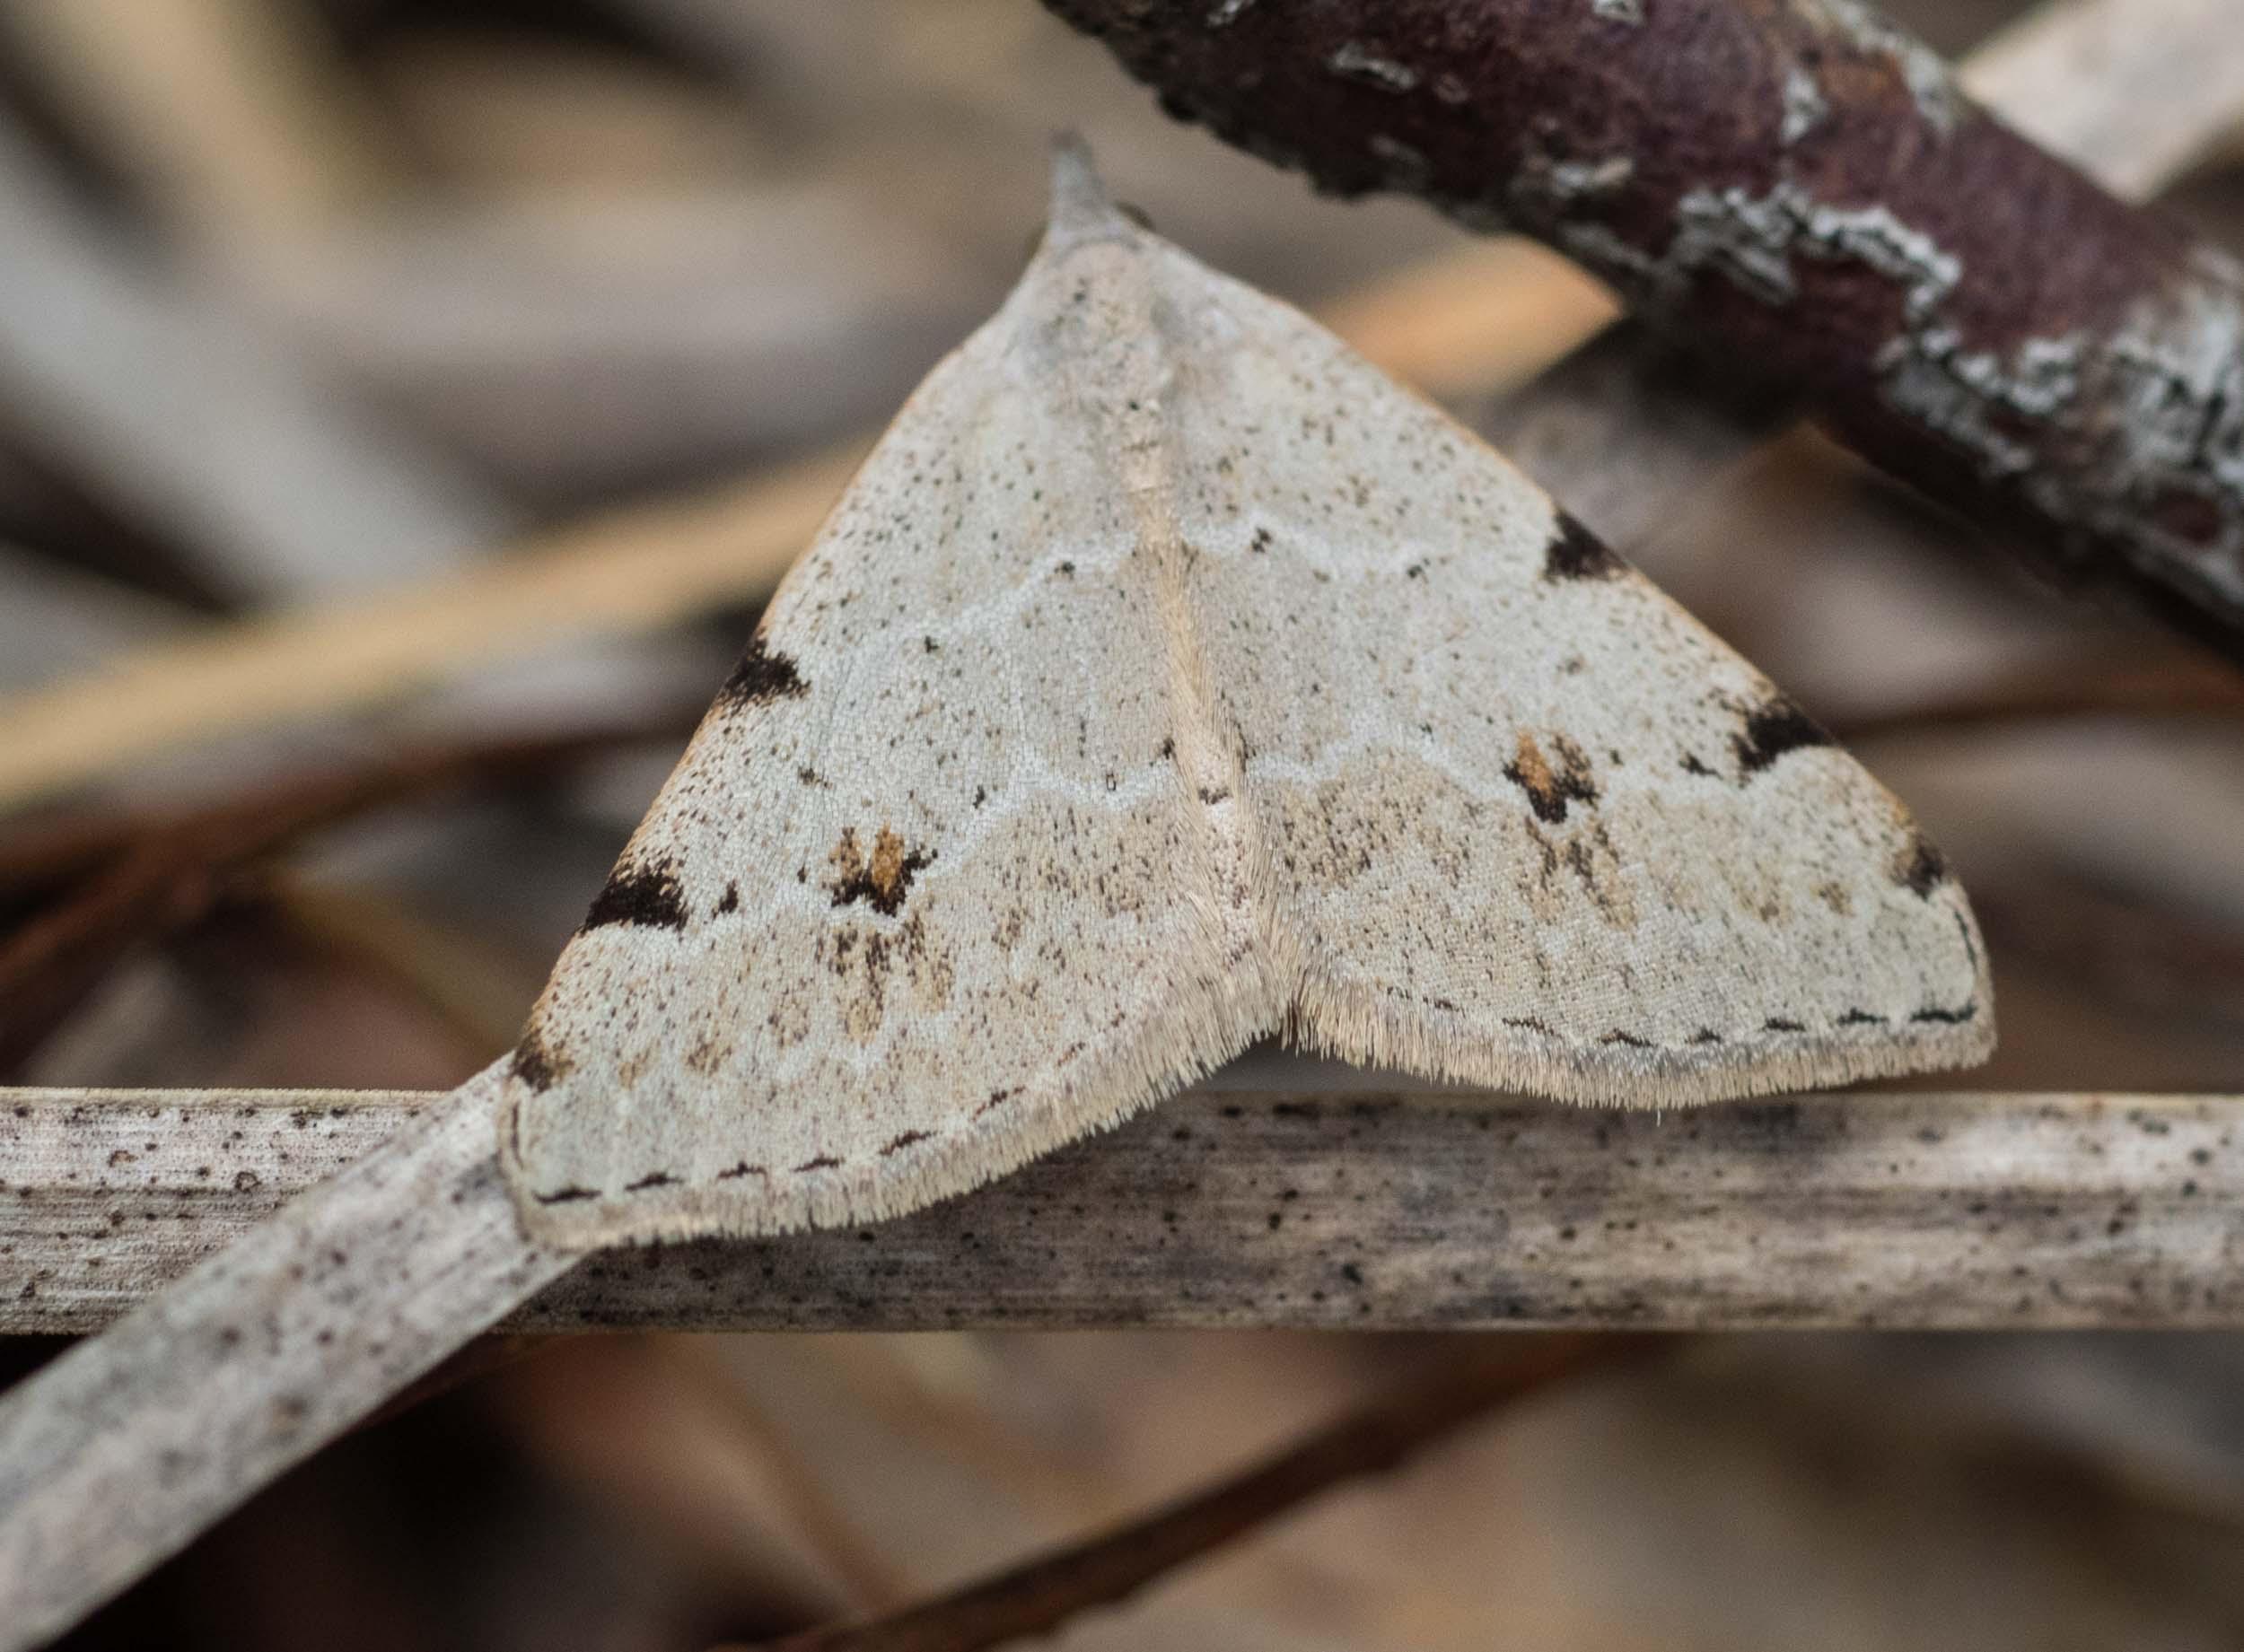 Pale Grey Heath Moth